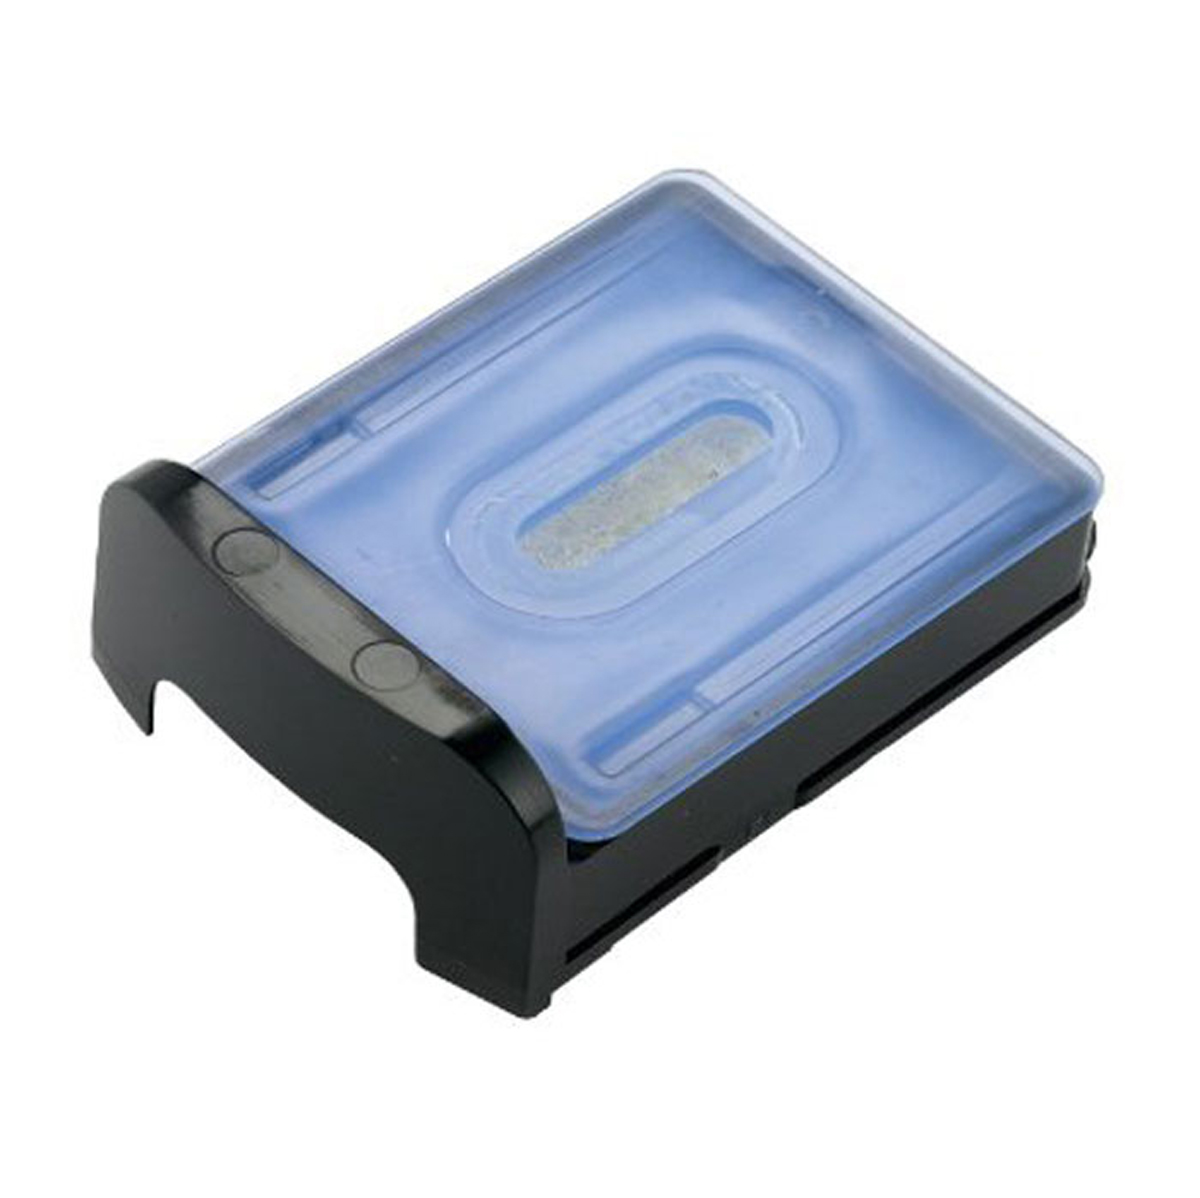 Panasonic WES 035 Kкартридж для самоочистки бритв Panasonic